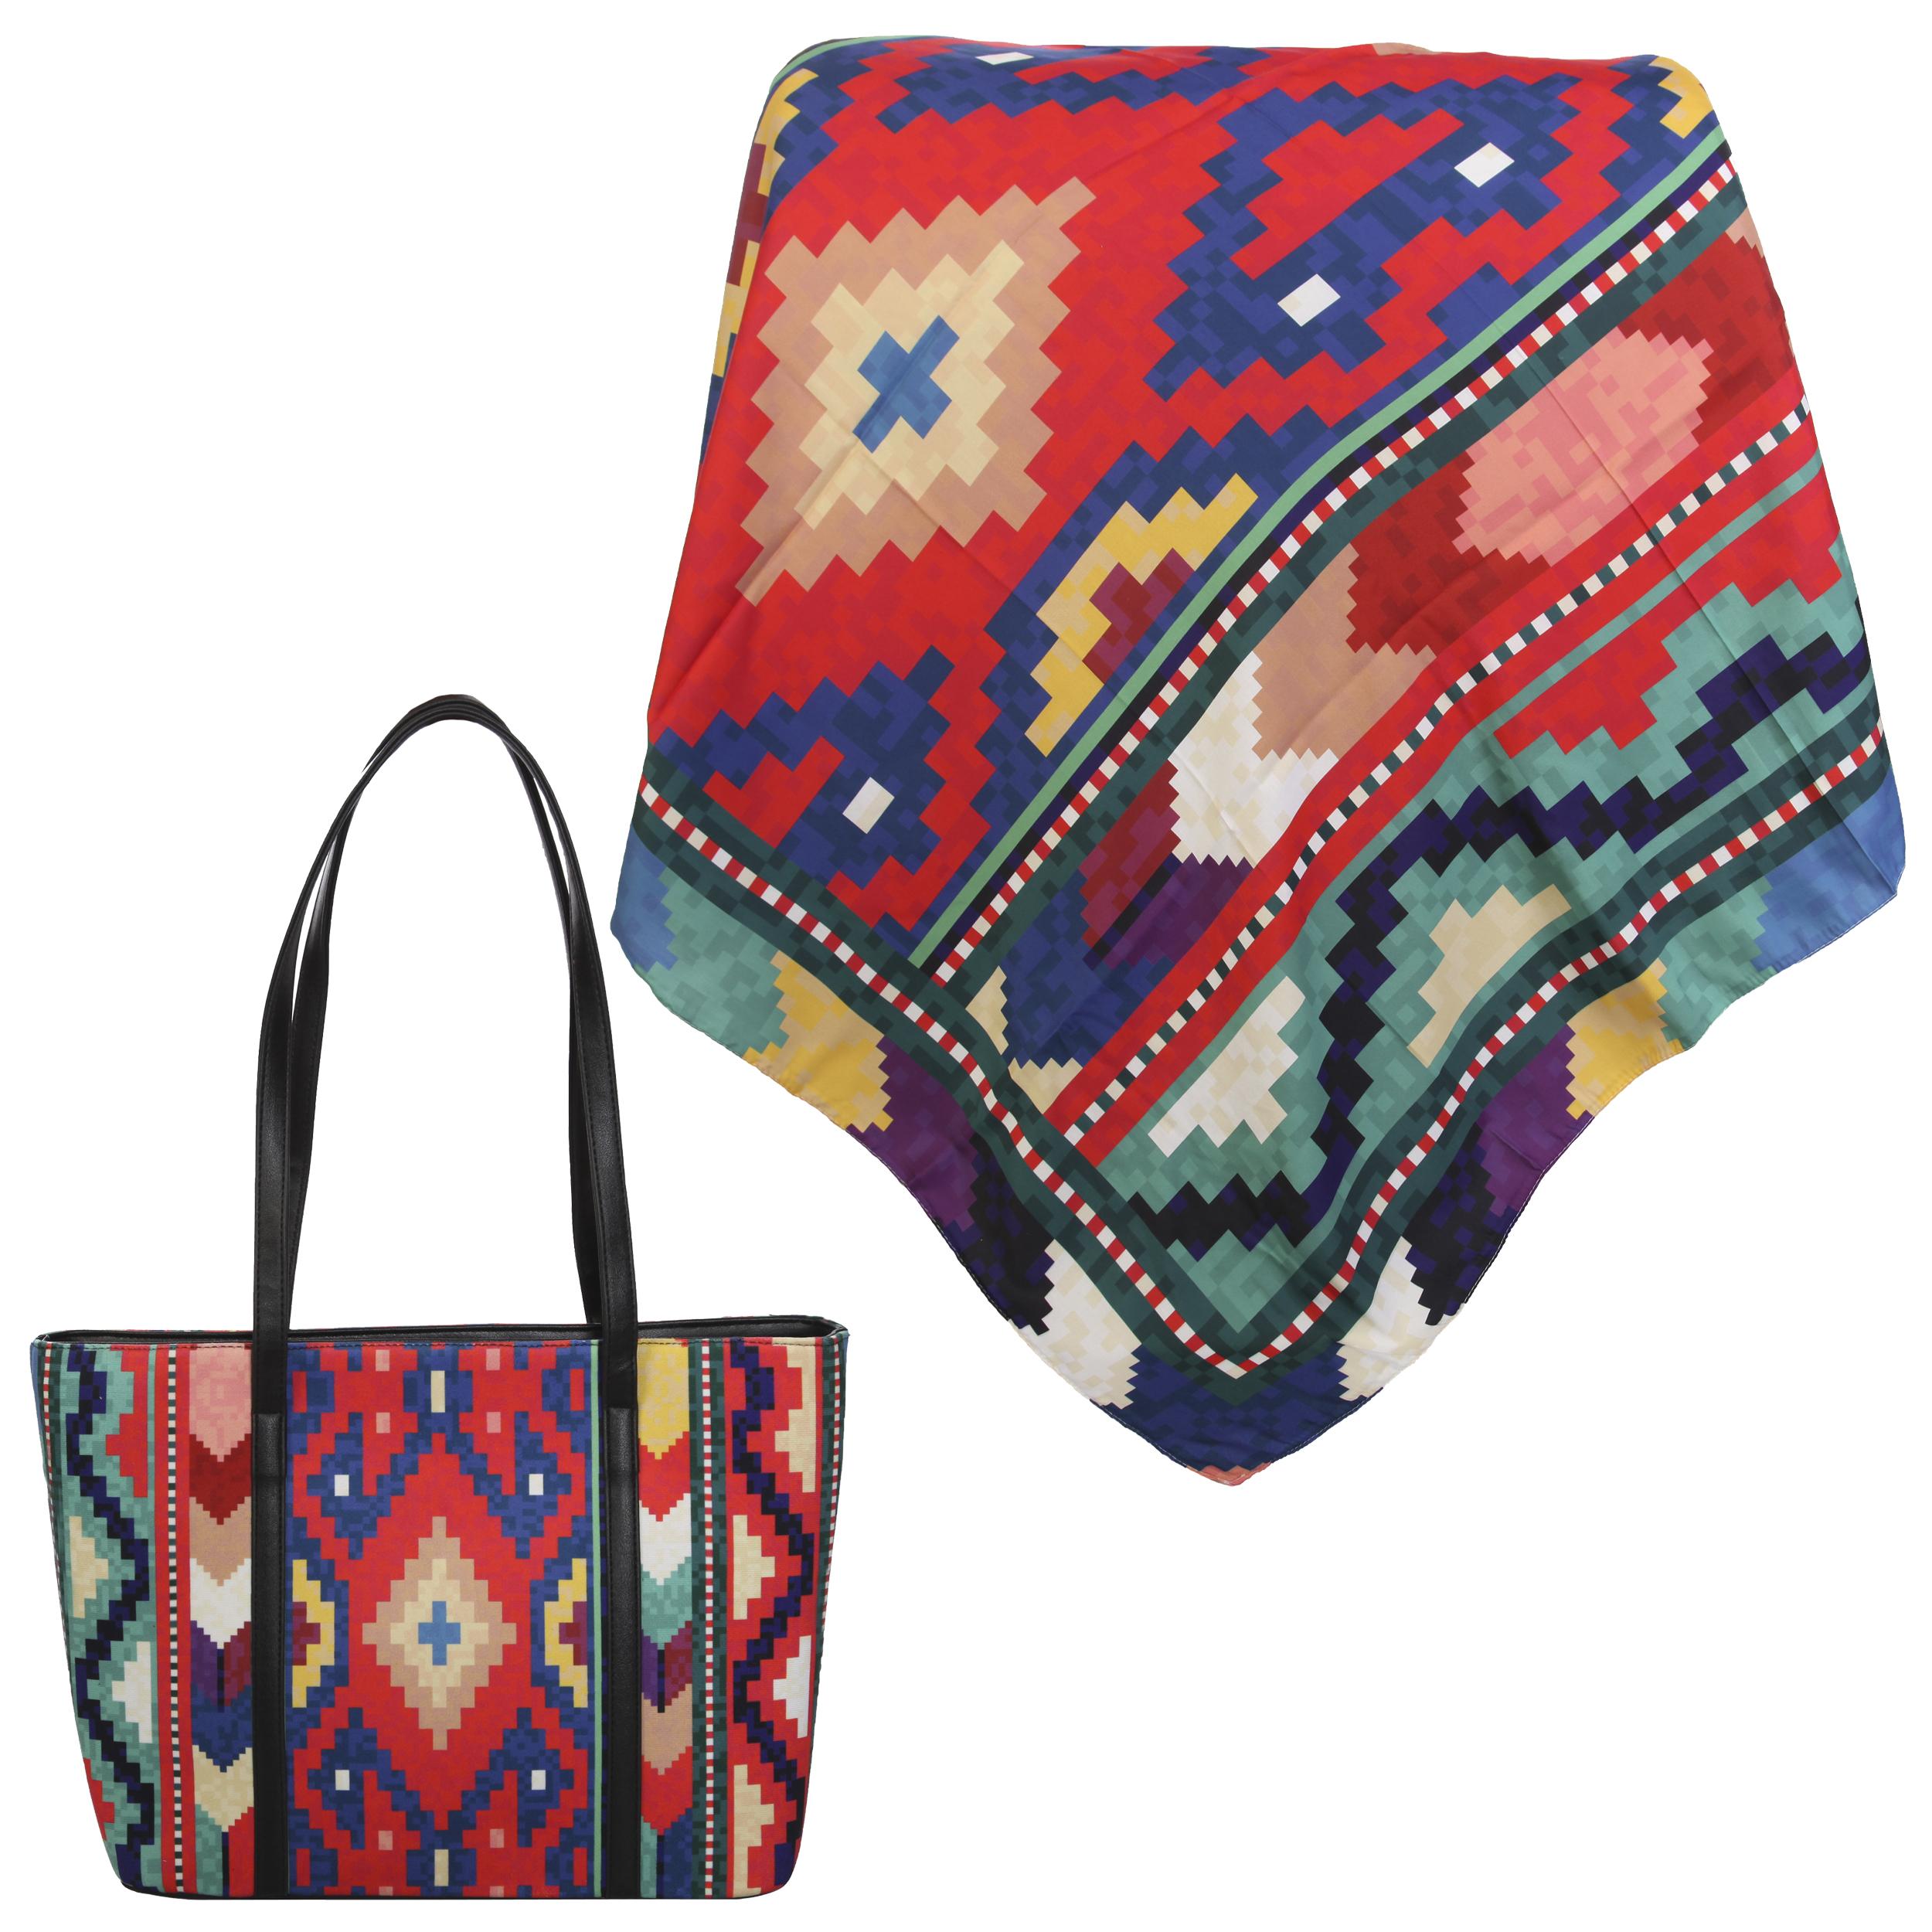 ست کیف و روسری زنانه کد 980826-T1